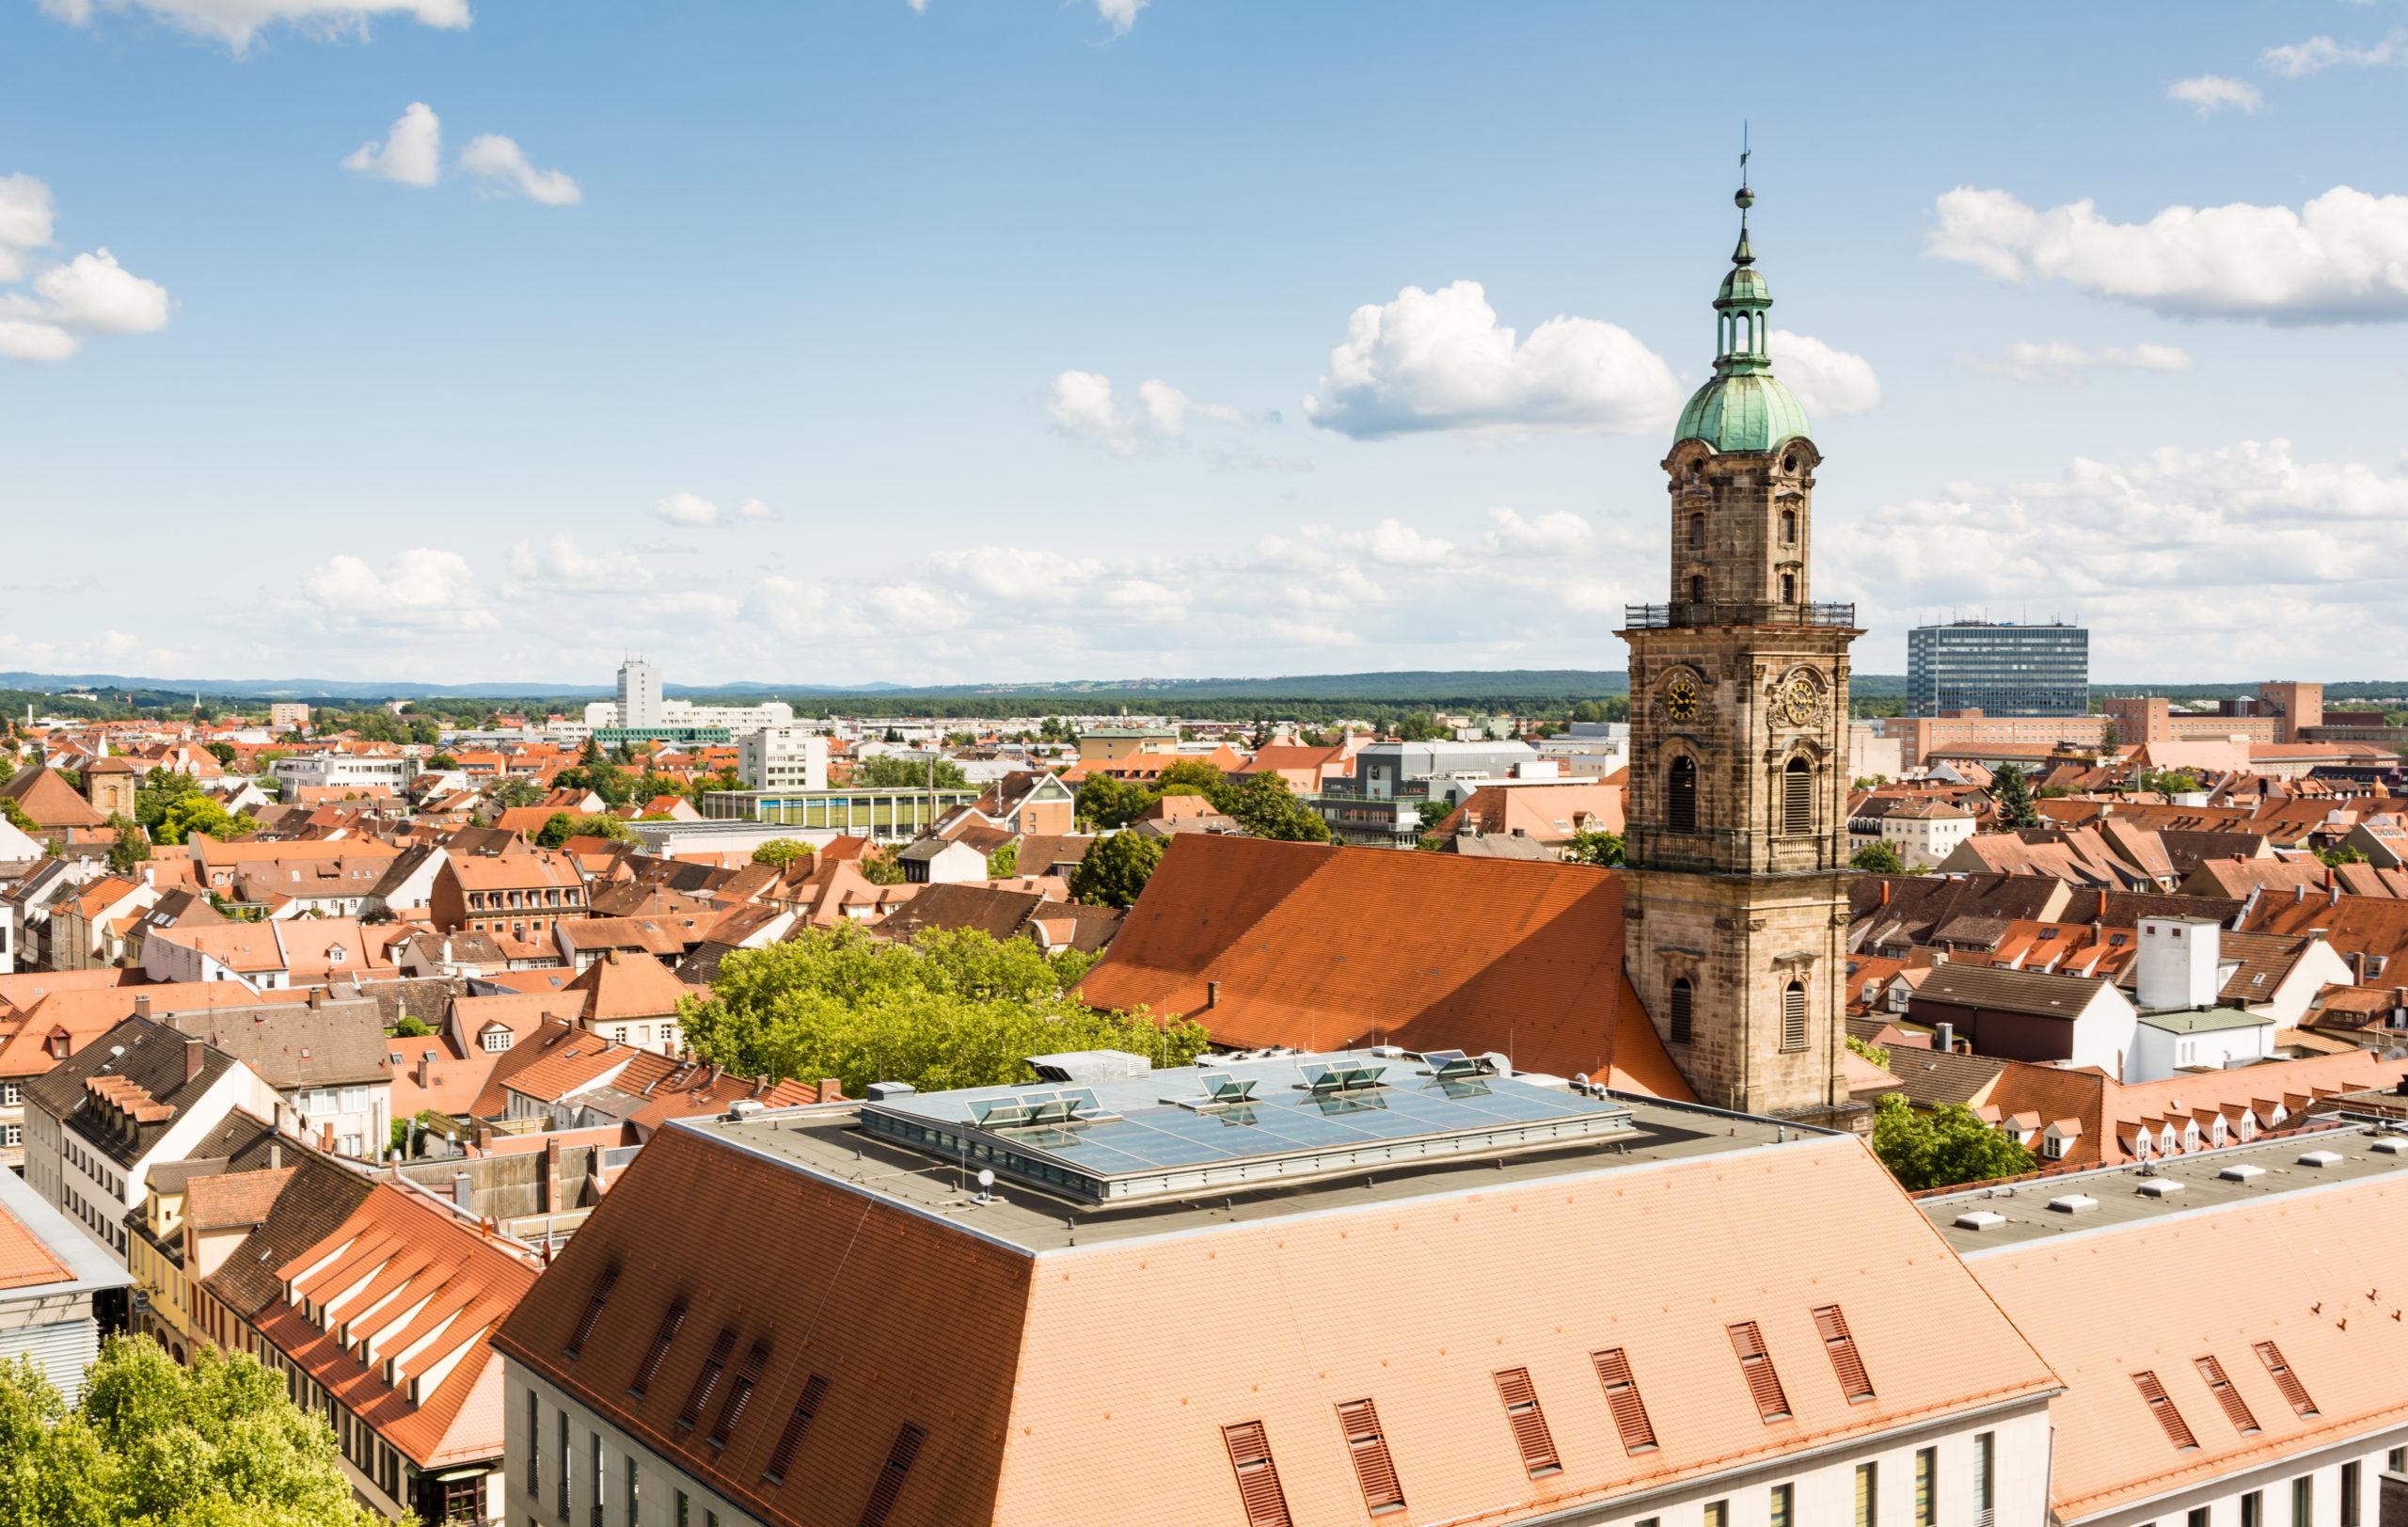 Haushaltsauflösung und Entrümpelung in Erlangen